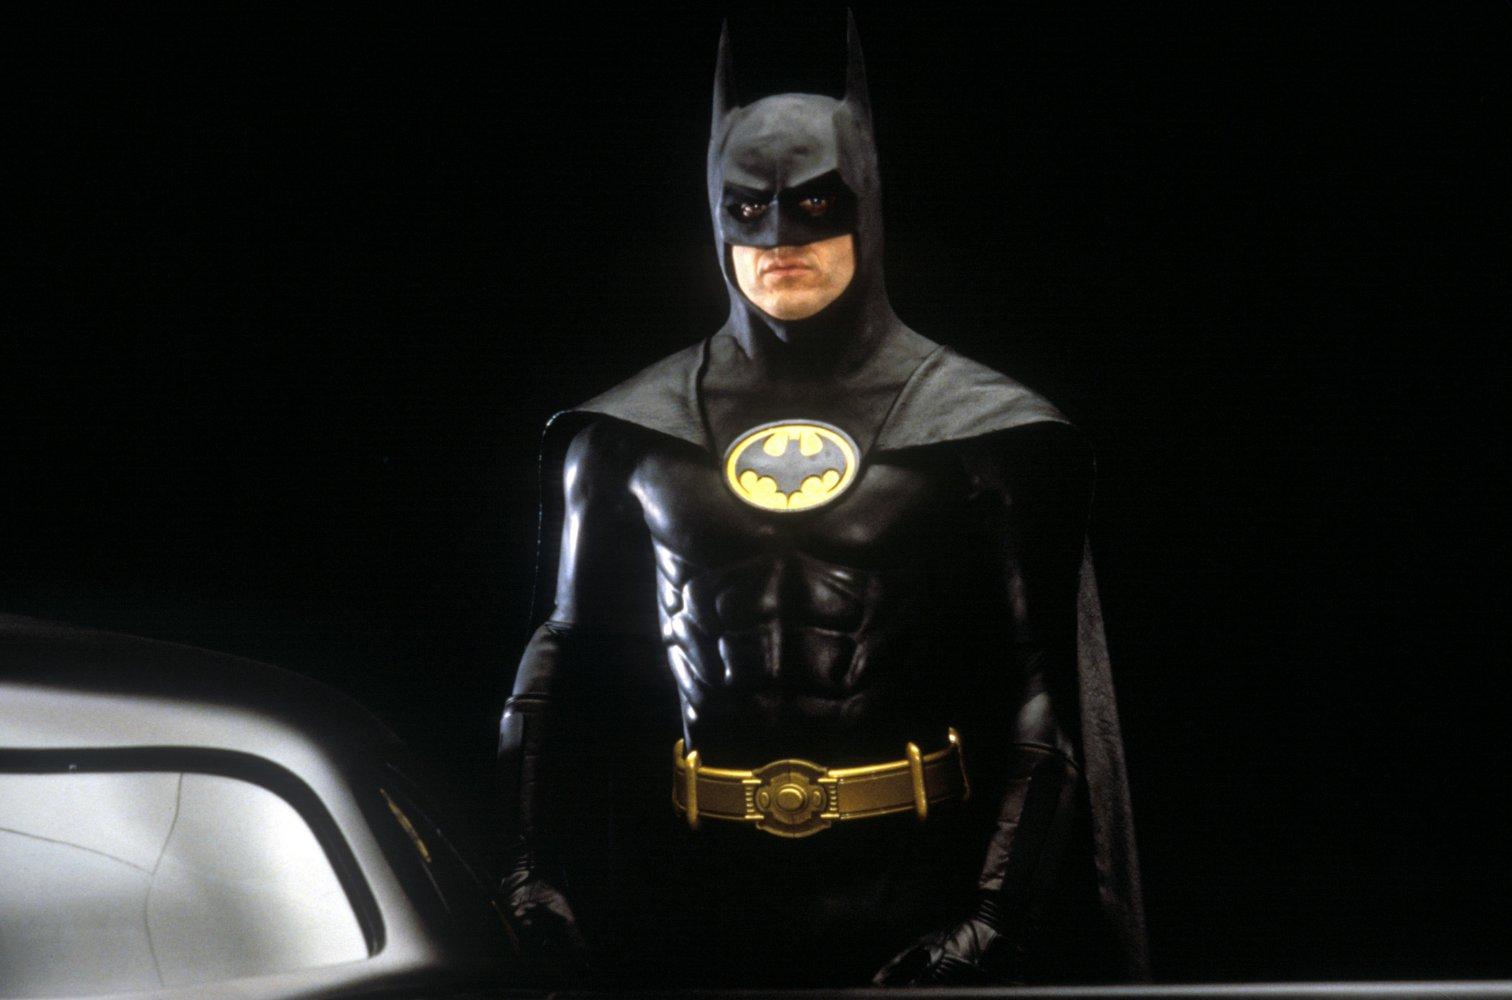 Batman 1989 Watch Online on 123Movies!